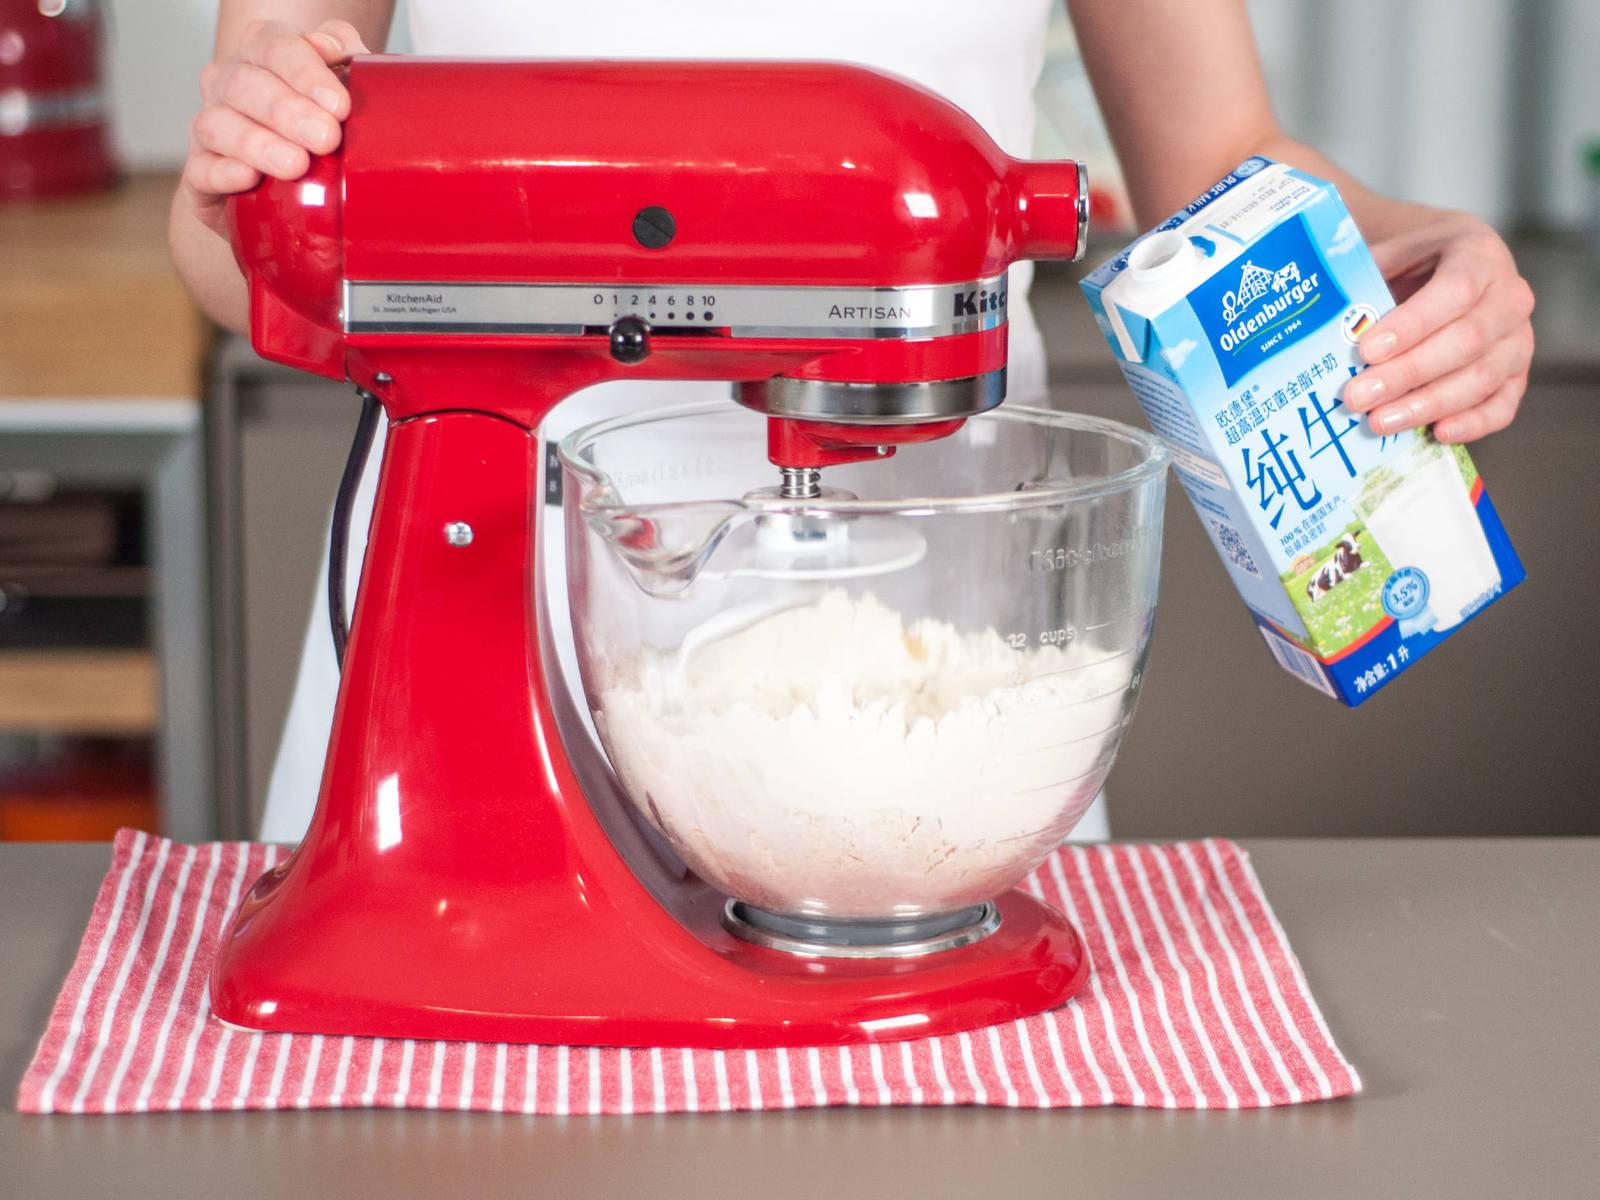 用立式搅拌机混合面粉、盐与植物油,并缓缓拌入牛奶。取出面团后继续用手揉,直至面团光滑有弹性。包上保鲜膜,放入冰箱冷藏30-40分钟。